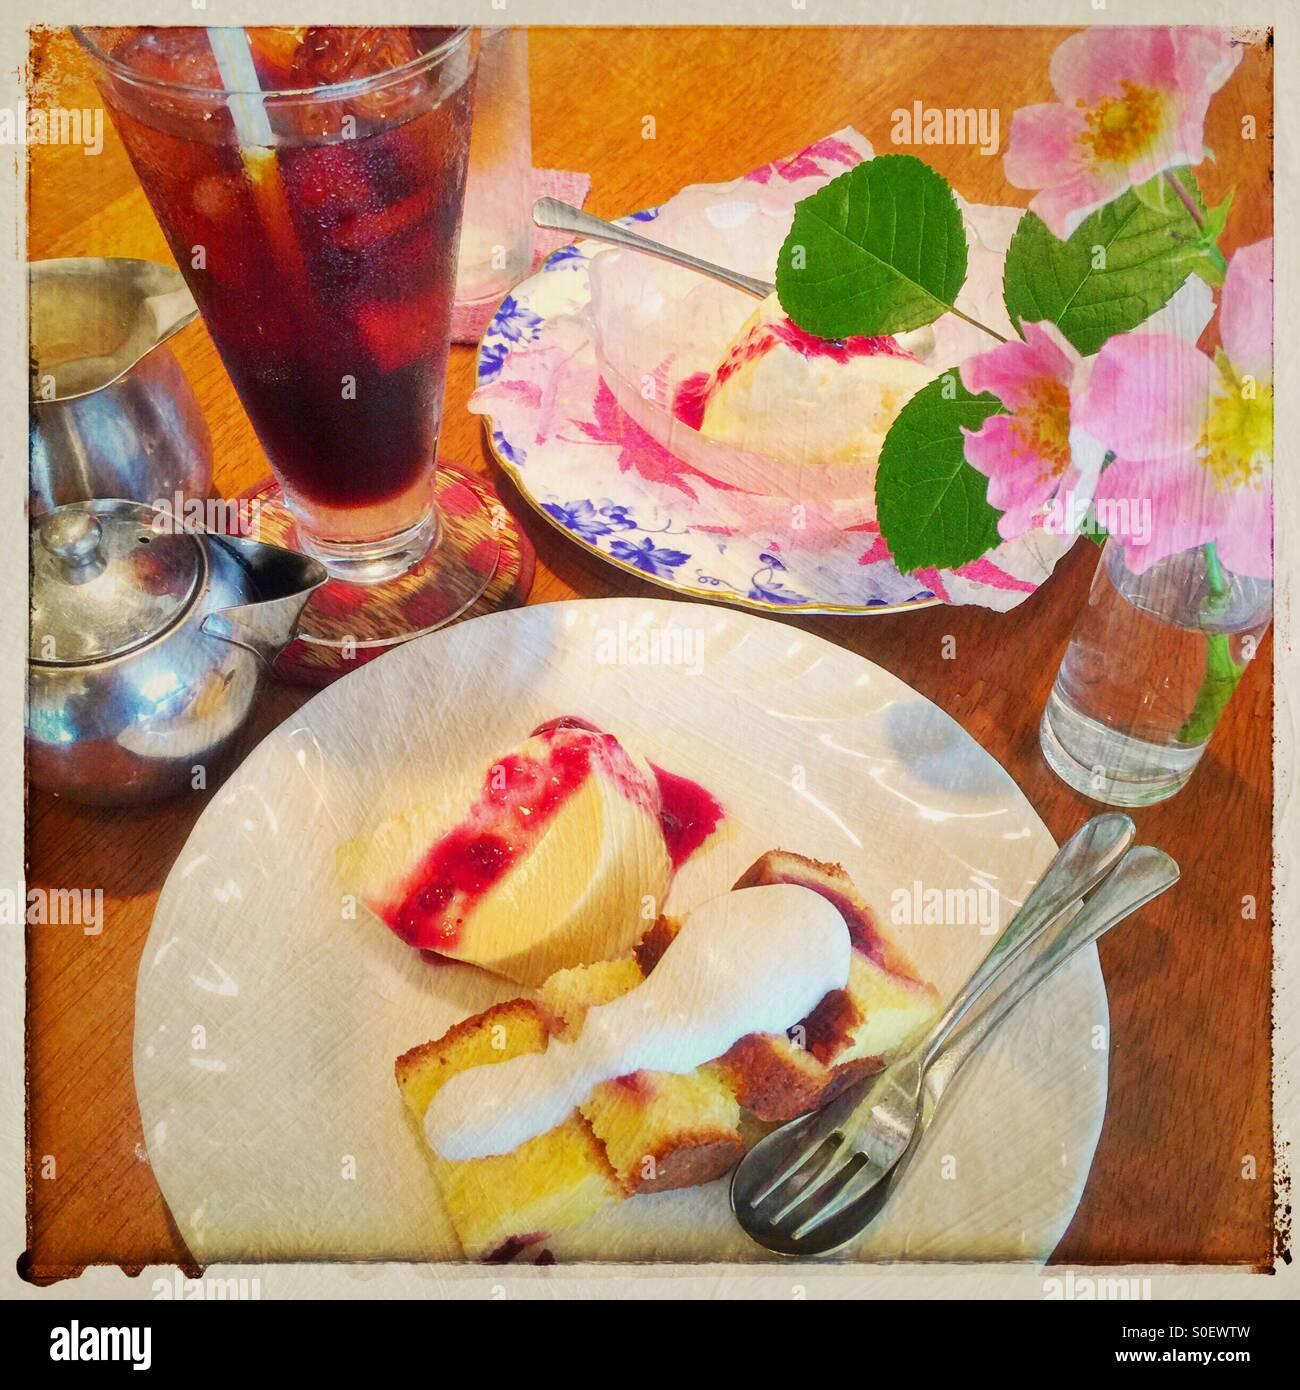 Il tè del pomeriggio con caffè ghiacciato, crema bavarese con salsa di mirtilli, sterlina la torta con panna montata topping e vaso di wild rose rosa. Telaio vintage e texture pittorica di sovrapposizione. Foto Stock